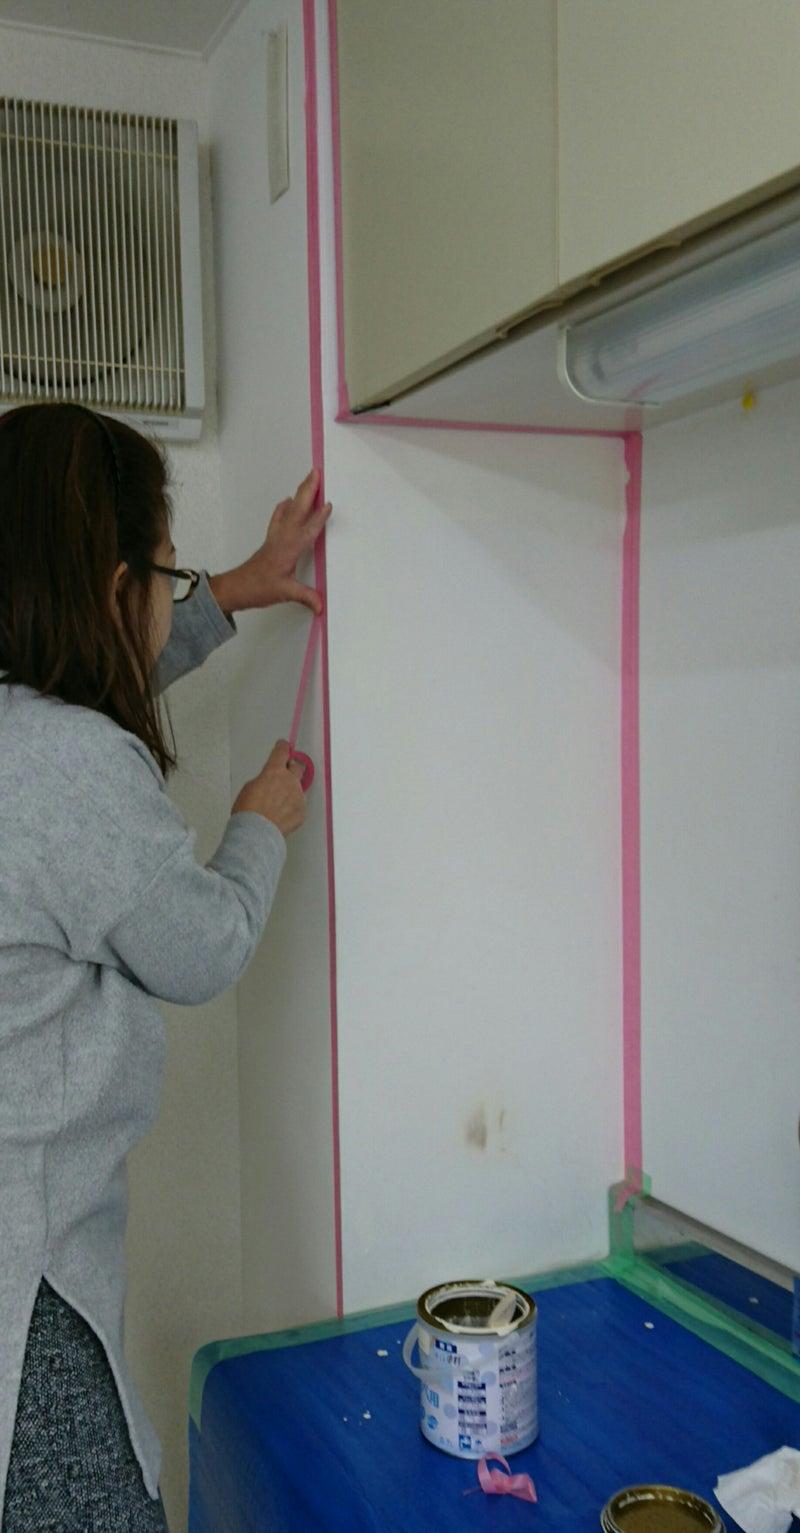 Diyでお仕事 壁の汚れを補修するマスキングテープと養生テープの使い分け 大人のdiy講座 ナチュラル生活